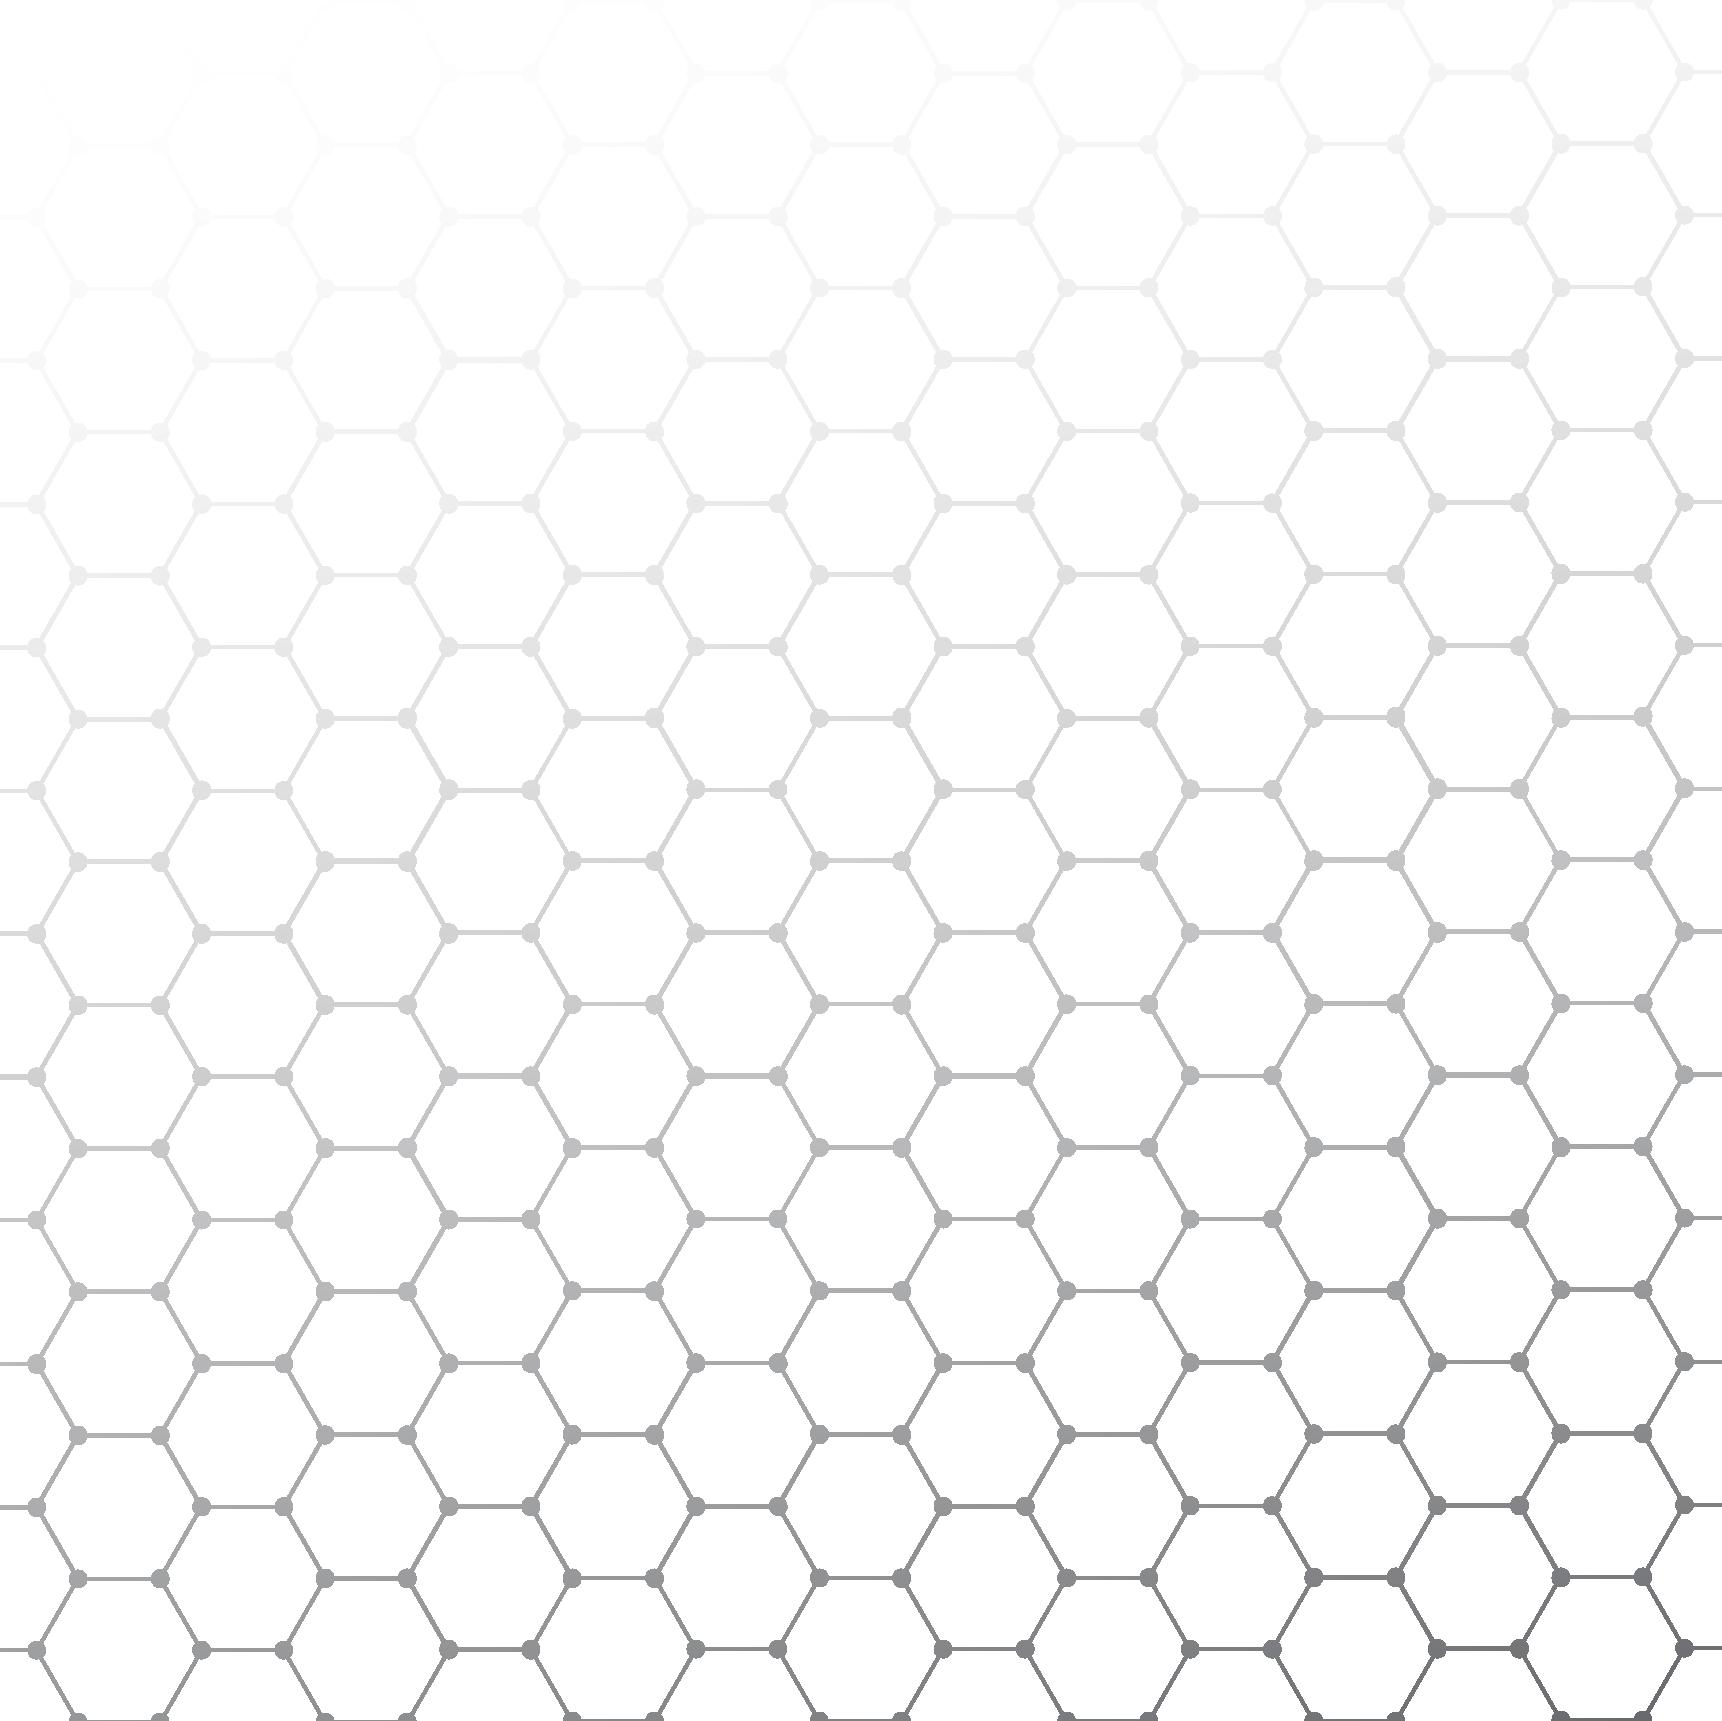 SERP Matrix Hexagon